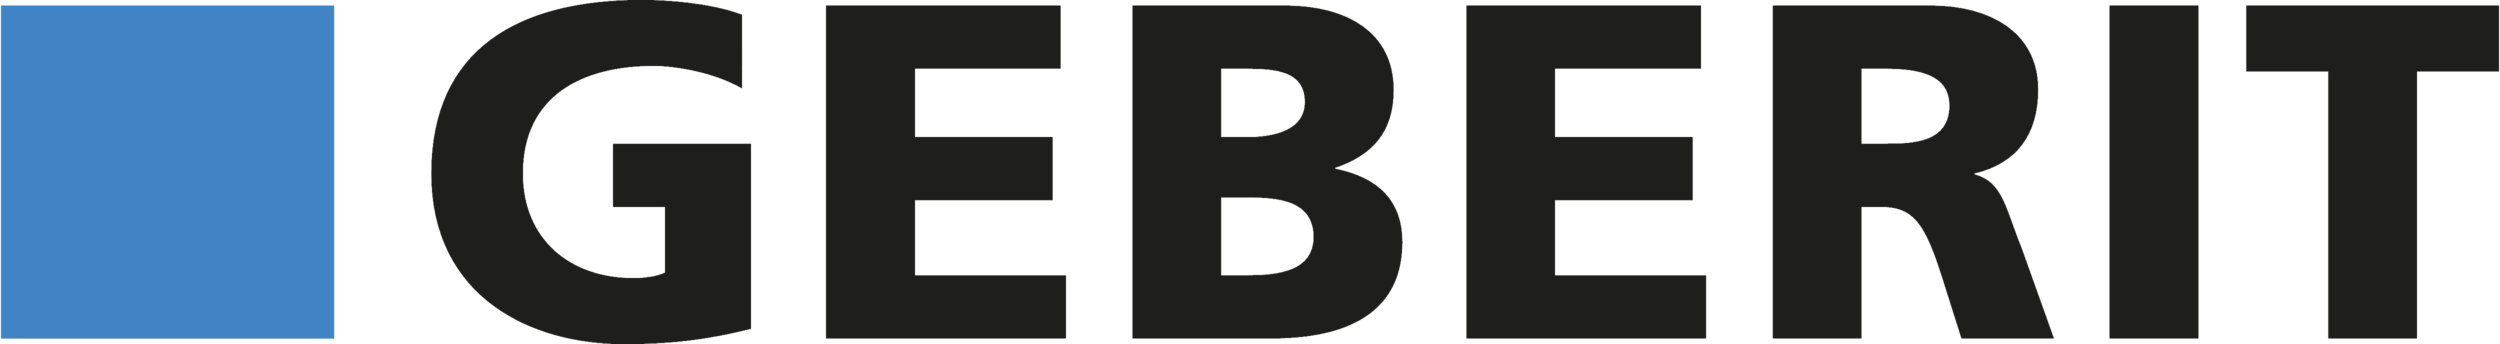 Geberit_logo.png